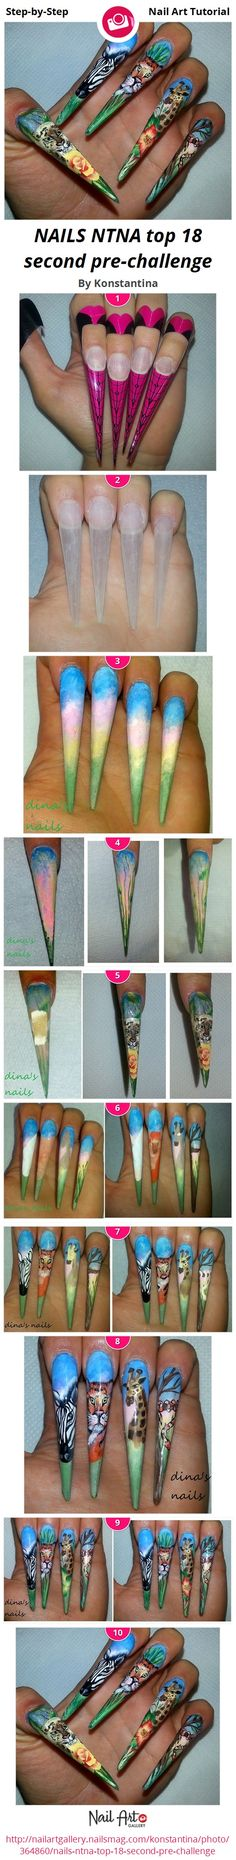 NAILS NTNA top 18 second pre-challenge by Konstantina - Nail Art Gallery Step-by-Step Tutorials nailartgallery.nailsmag.com by Nails Magazine www.nailsmag.com #nailart